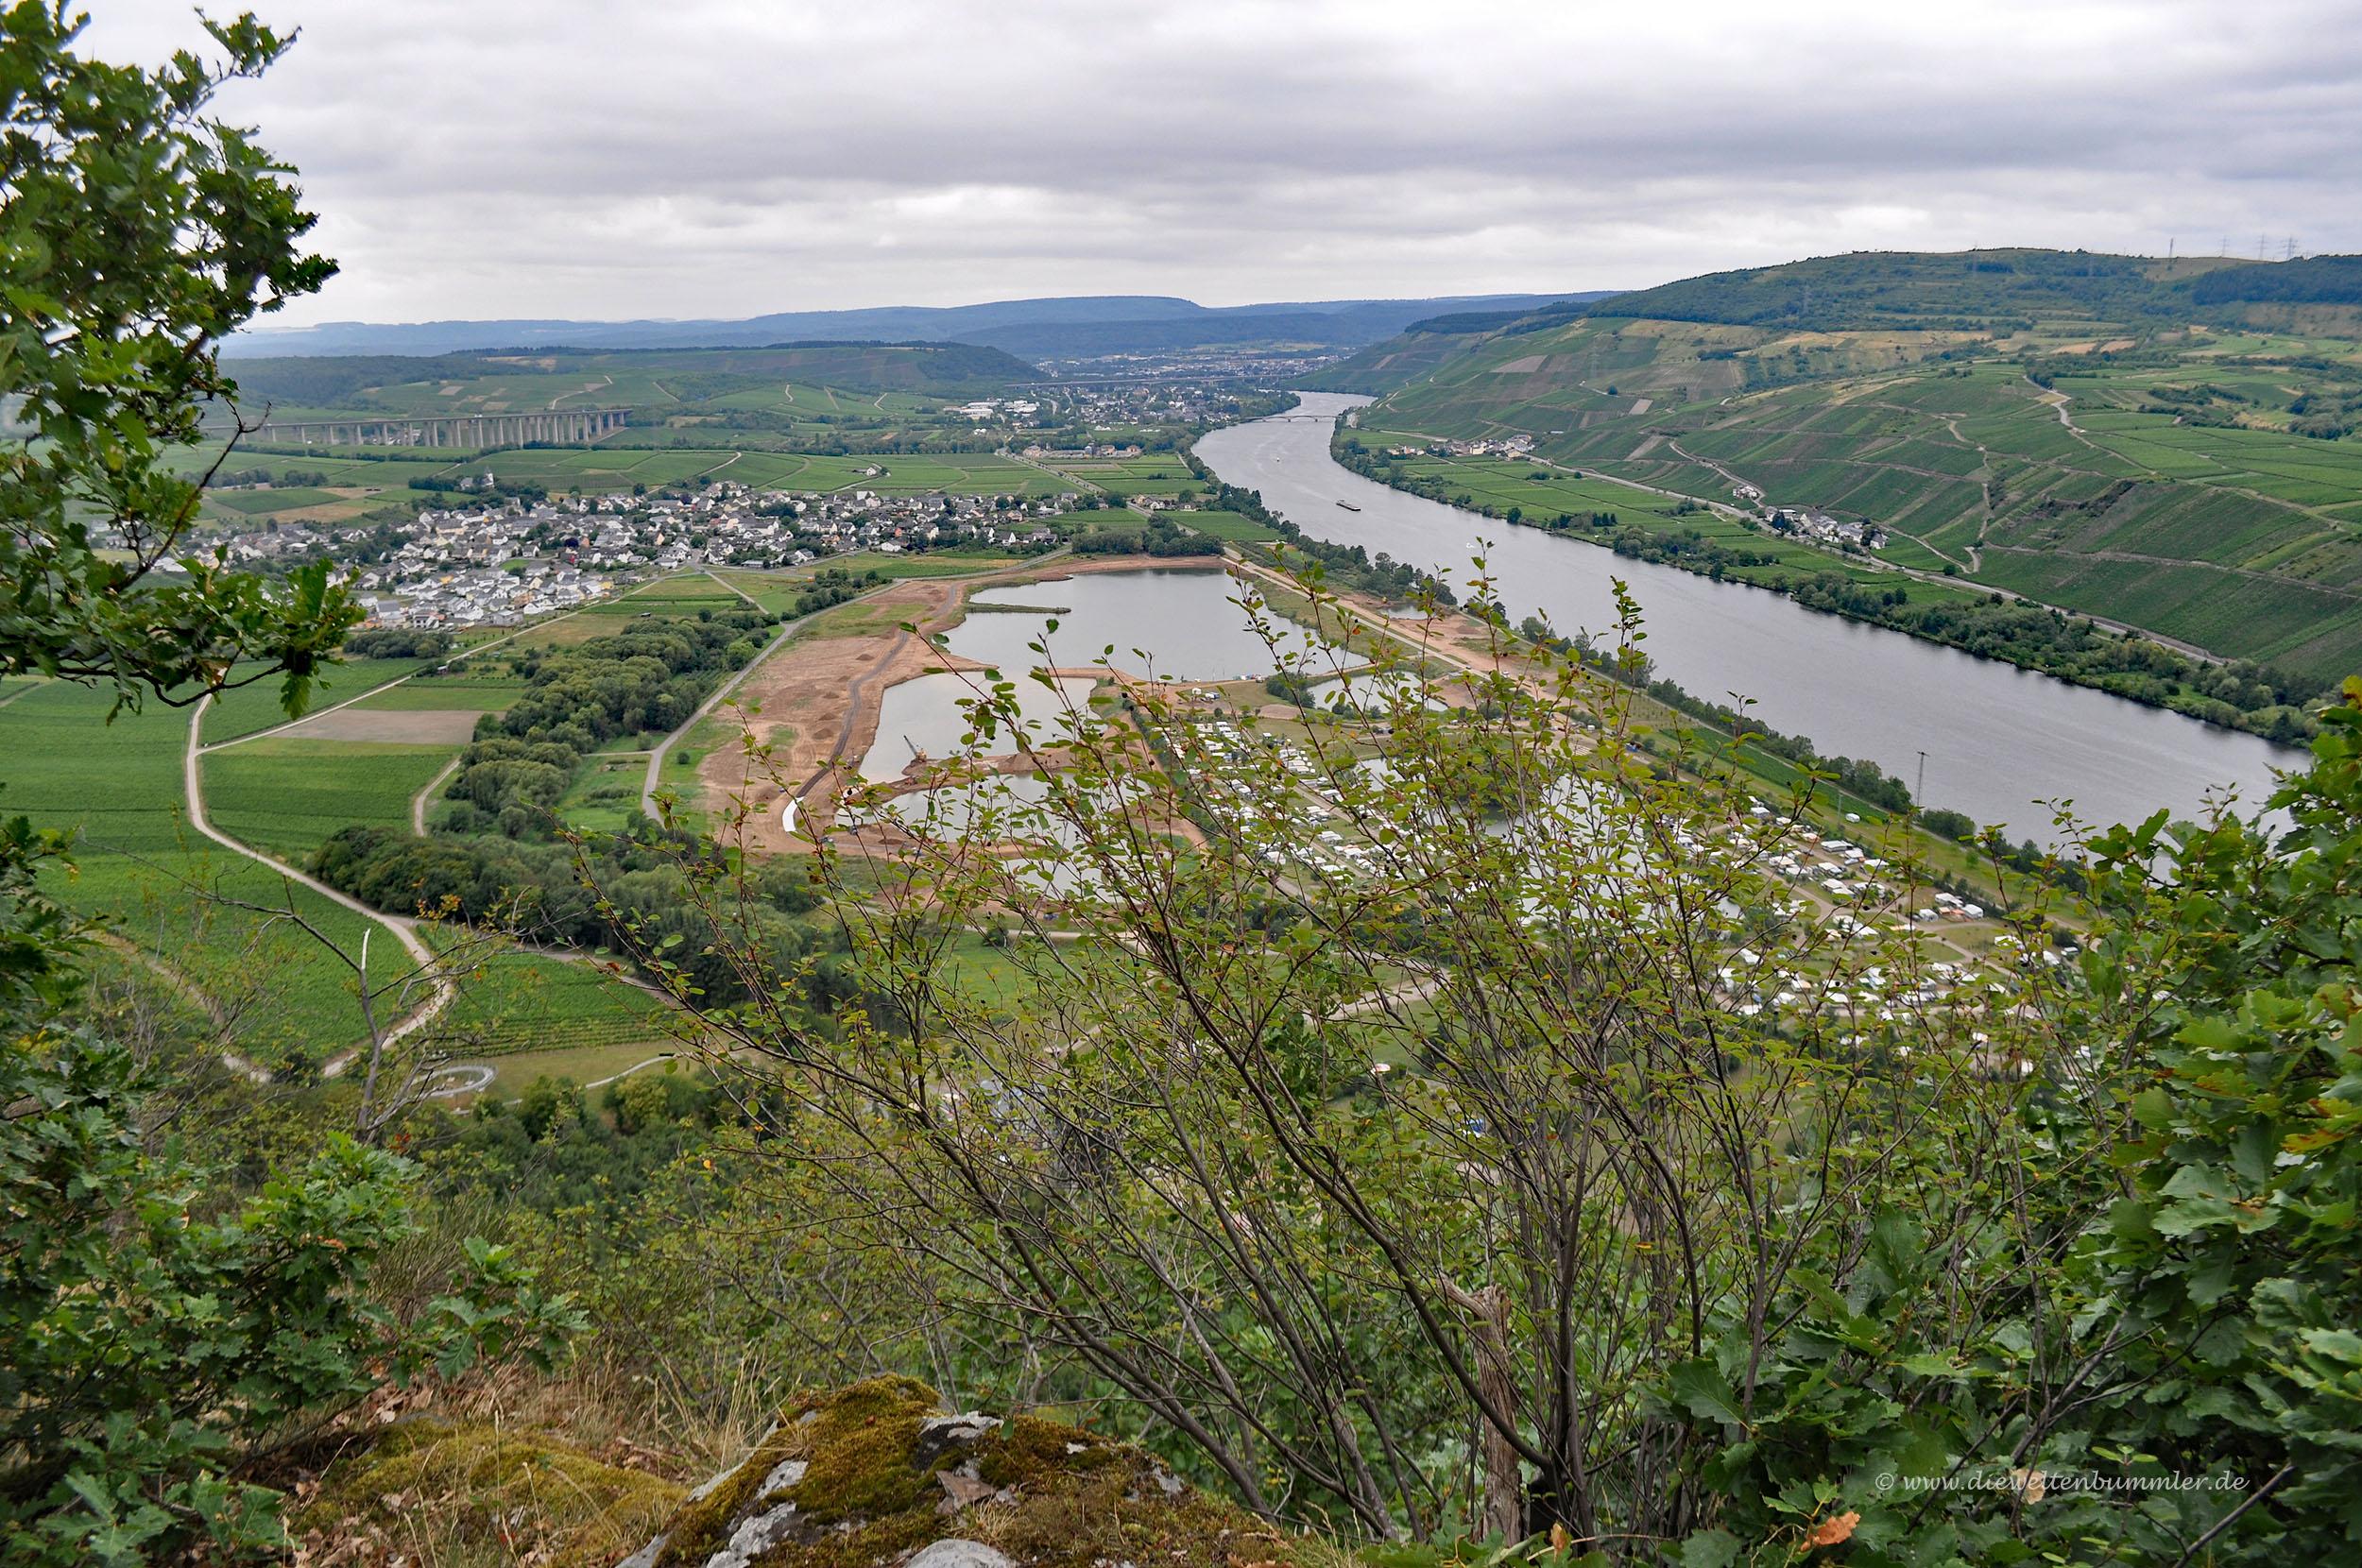 Klettersteig Riol : Wandertour durch den rioler klettersteig die weltenbummler